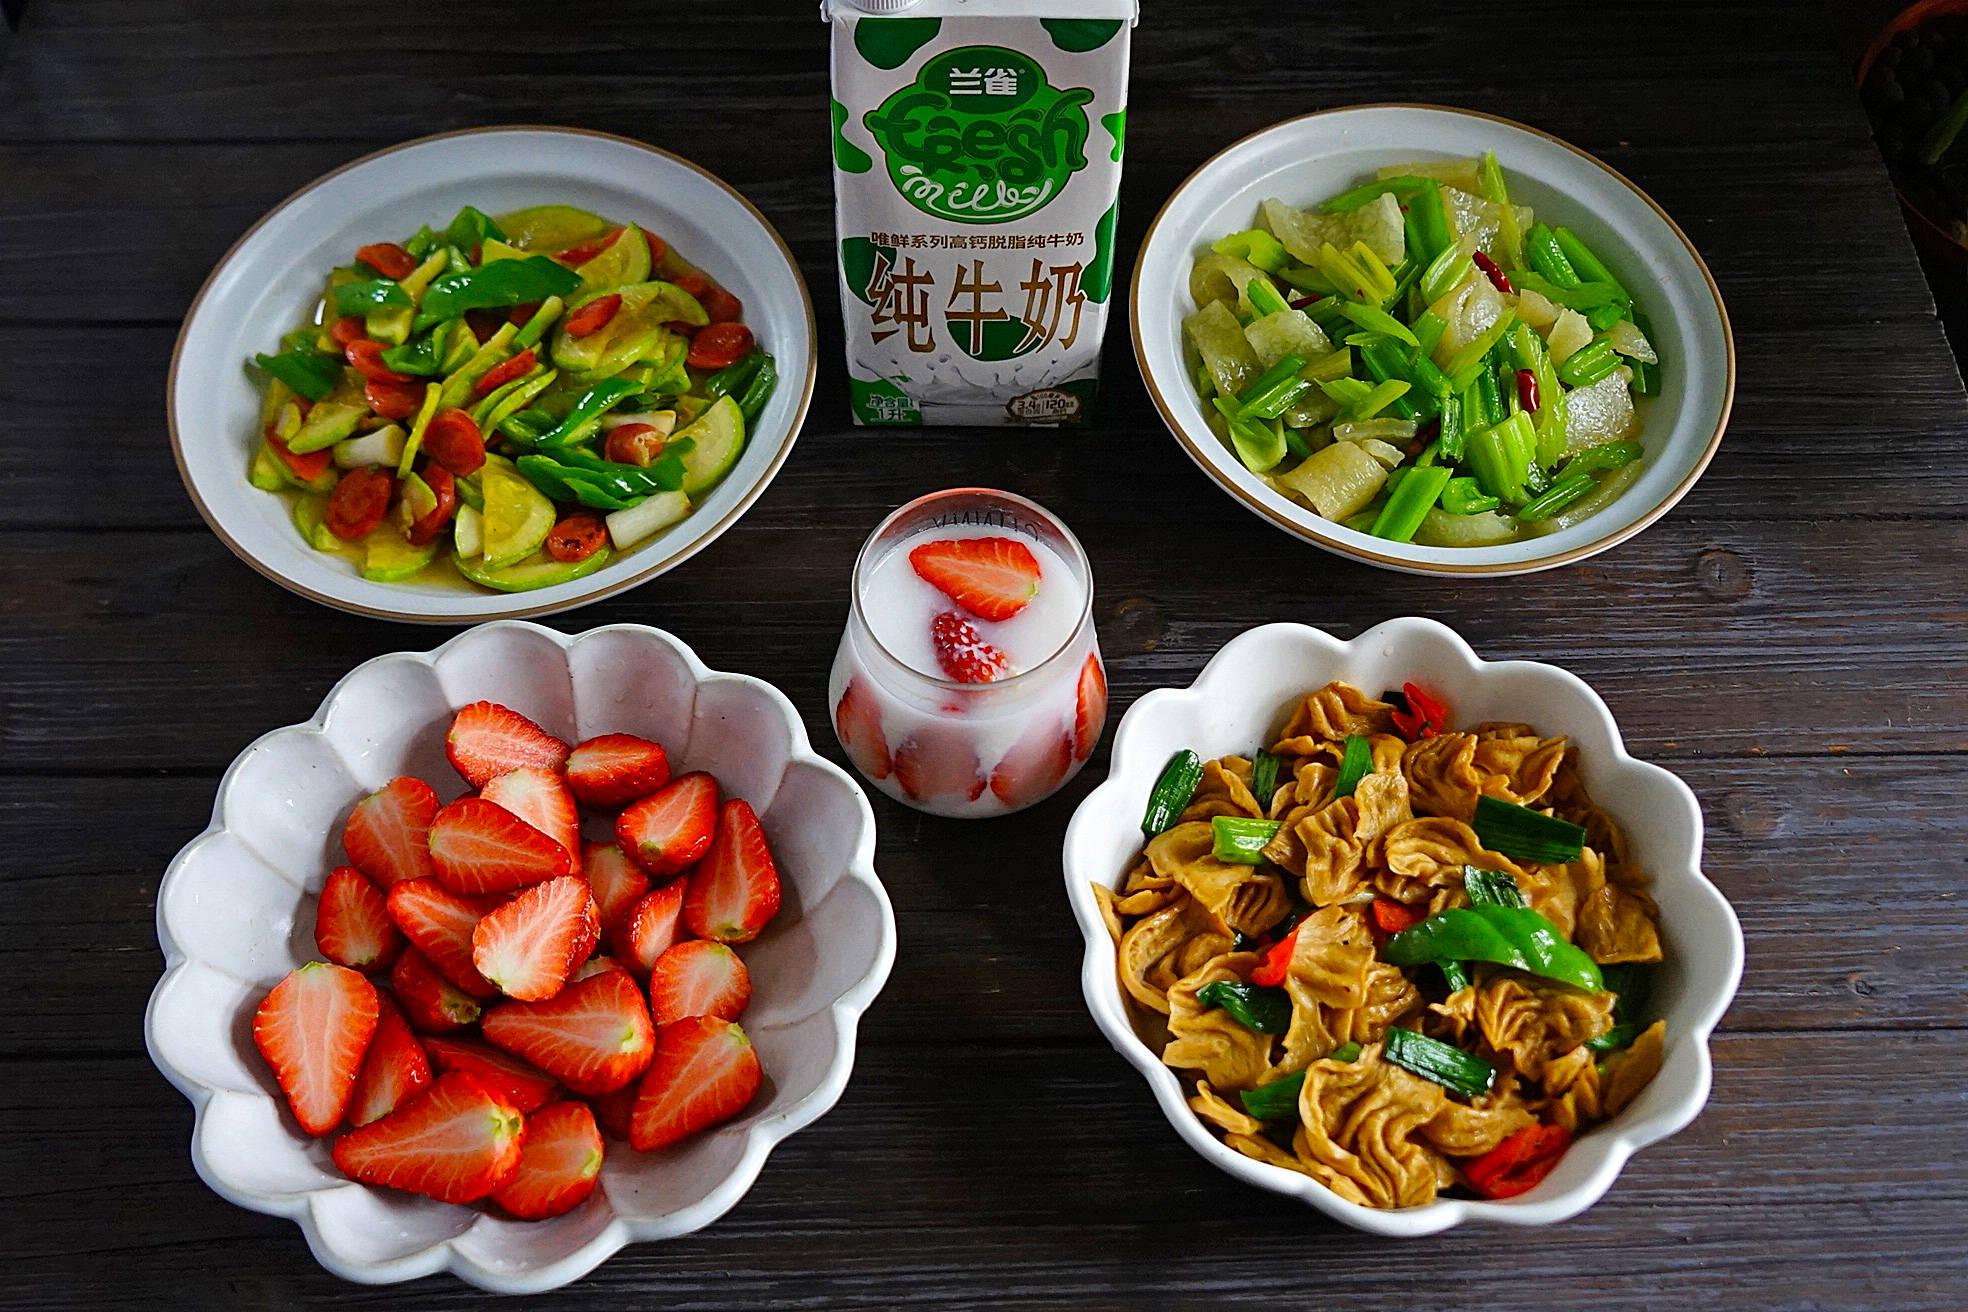 青山学教你几道几道硬菜,味道特别棒,保证让你吃了还想吃  饭店什么菜好吃又便宜